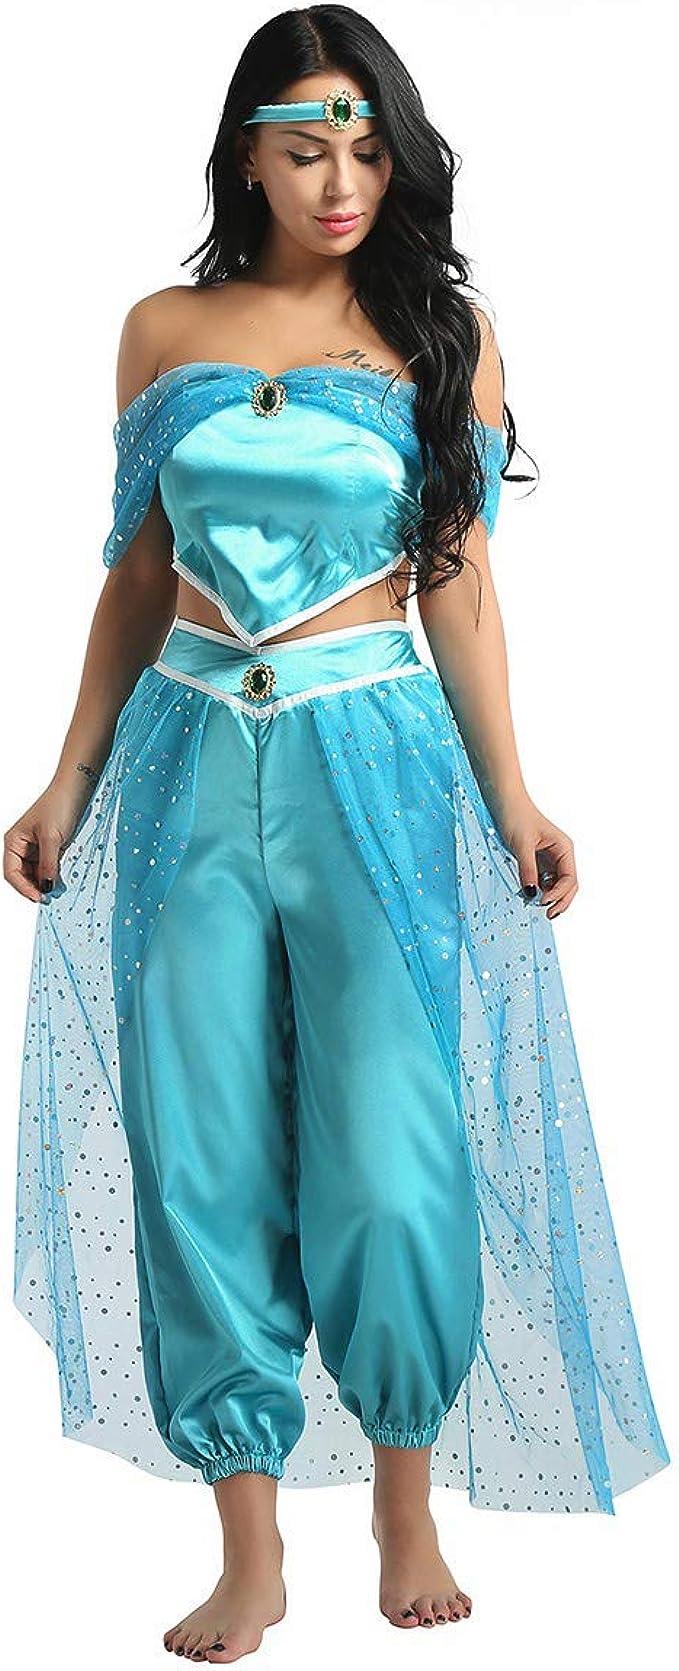 Agoky Disfraz de Princesa Jazmín para Mujer Chica Cosplay Traje de ...